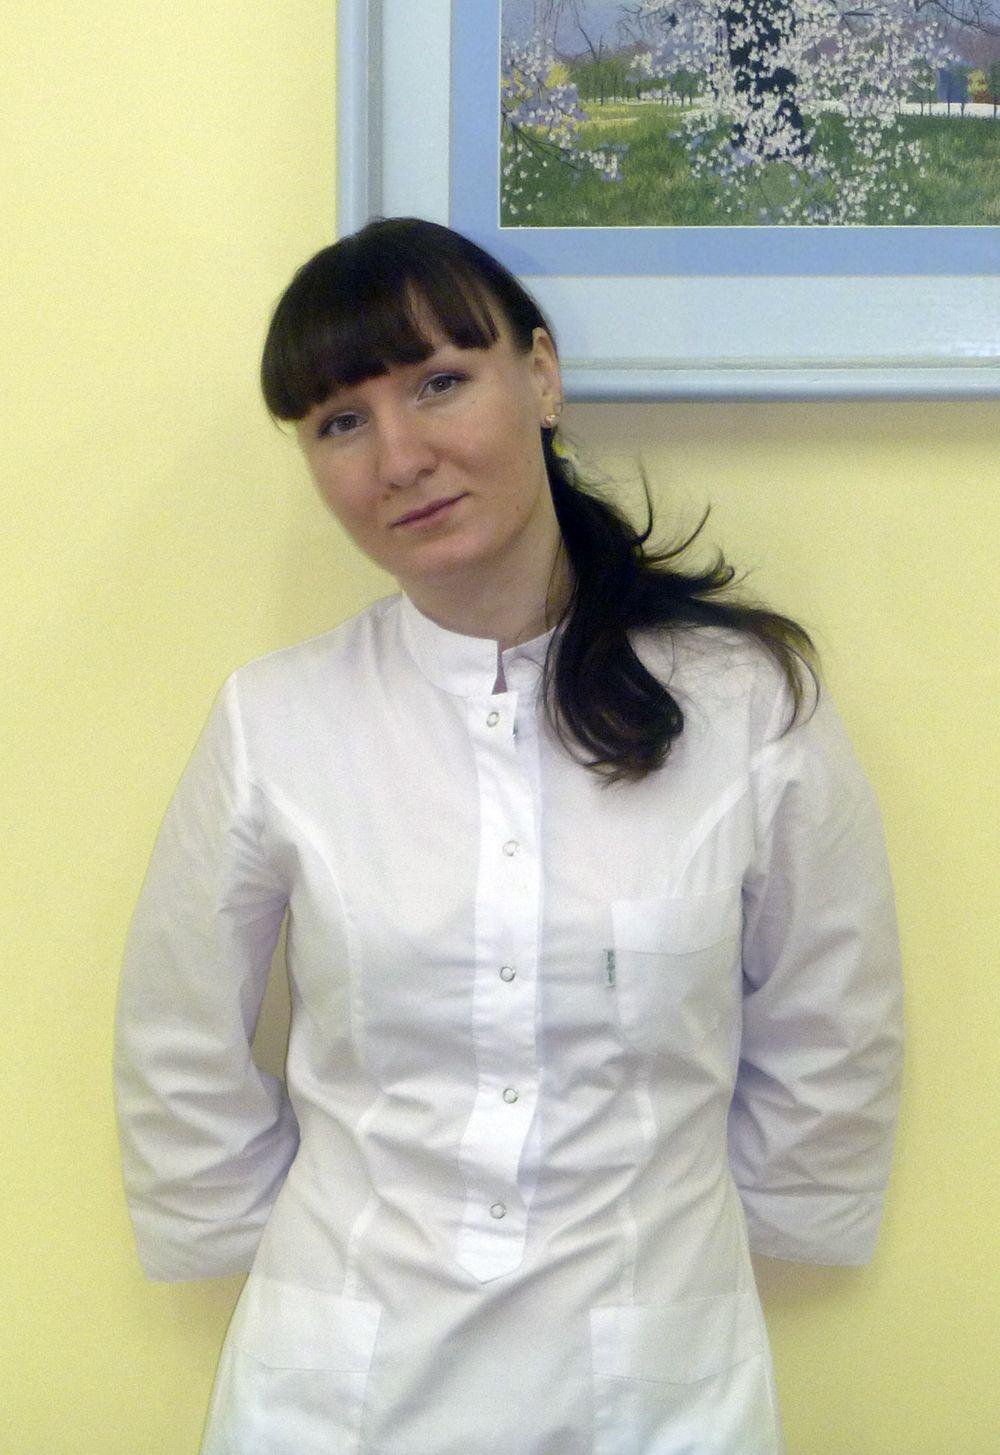 Садыкова Ольга, Кировский государственный медицинский университет, 34 года